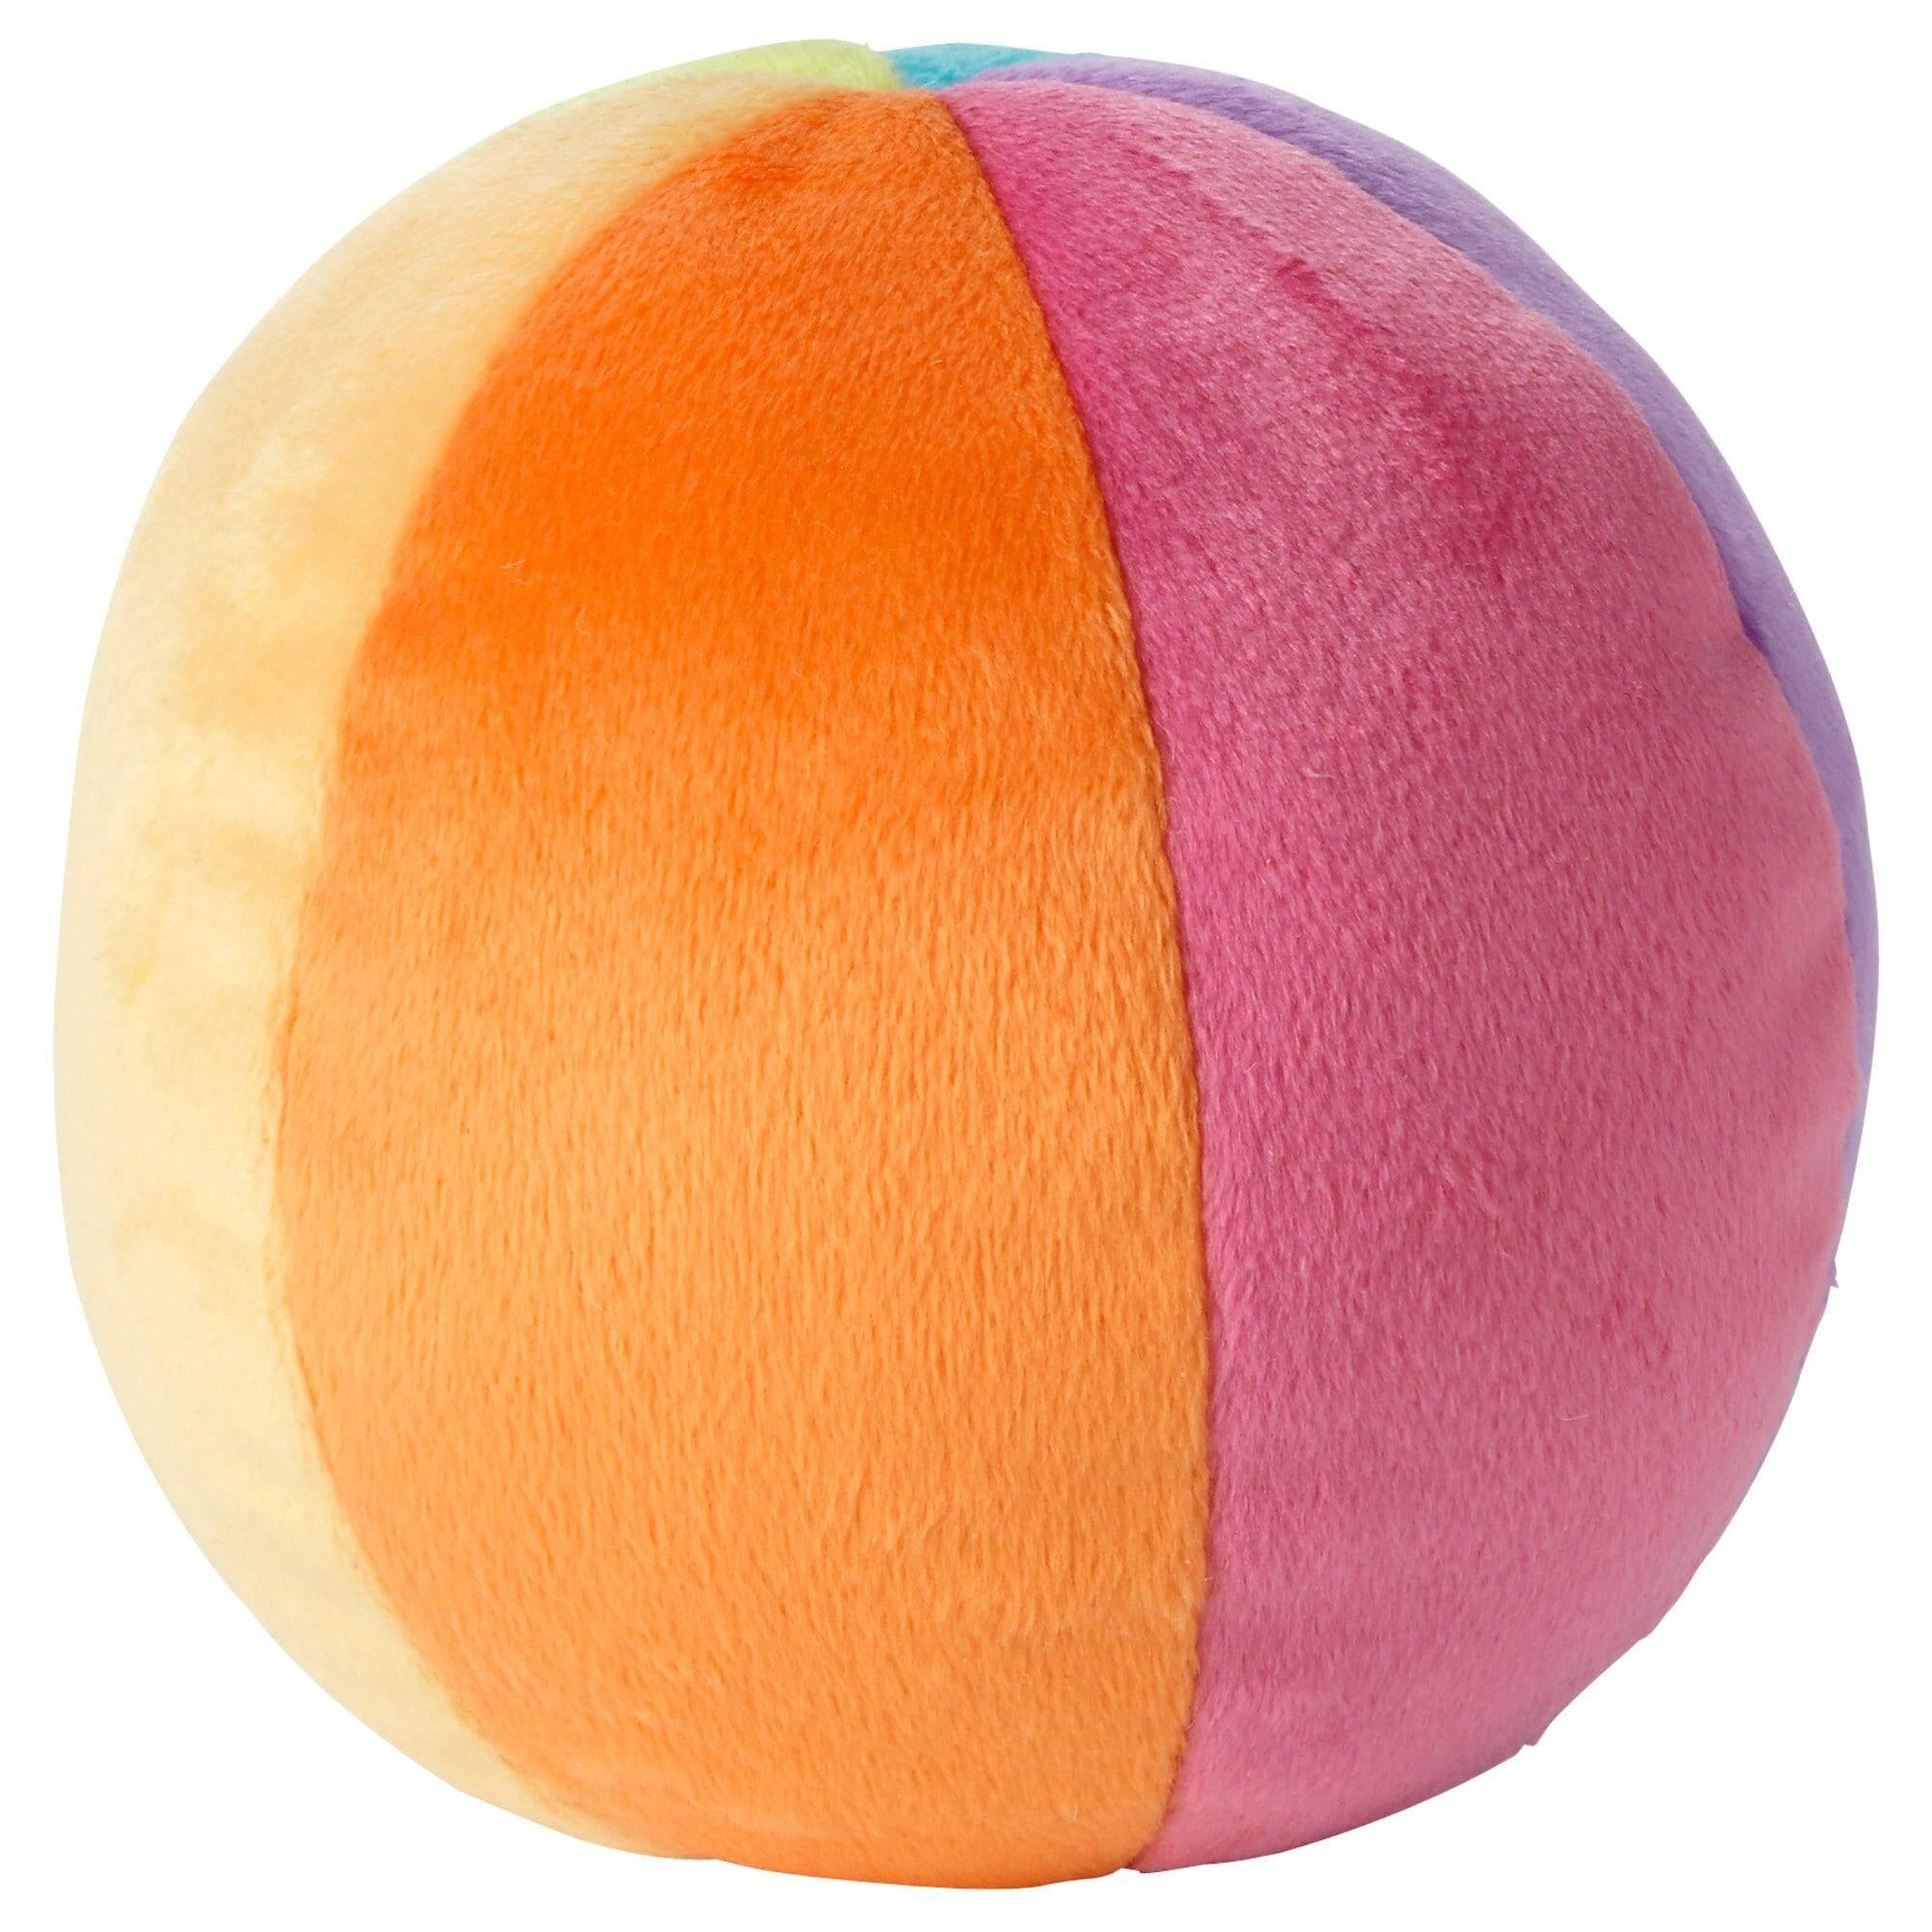 Ikea Leka เลียคก้า ลูกบอลผ้า ลูกบอล ของเล่นเด็กทารก เหมาะสำหรับทารกแรกเกิดขึ้นไป เส้นผ่านศูนย์กลาง 10 ซม. (หลากสี) By Healthy Organic Store.